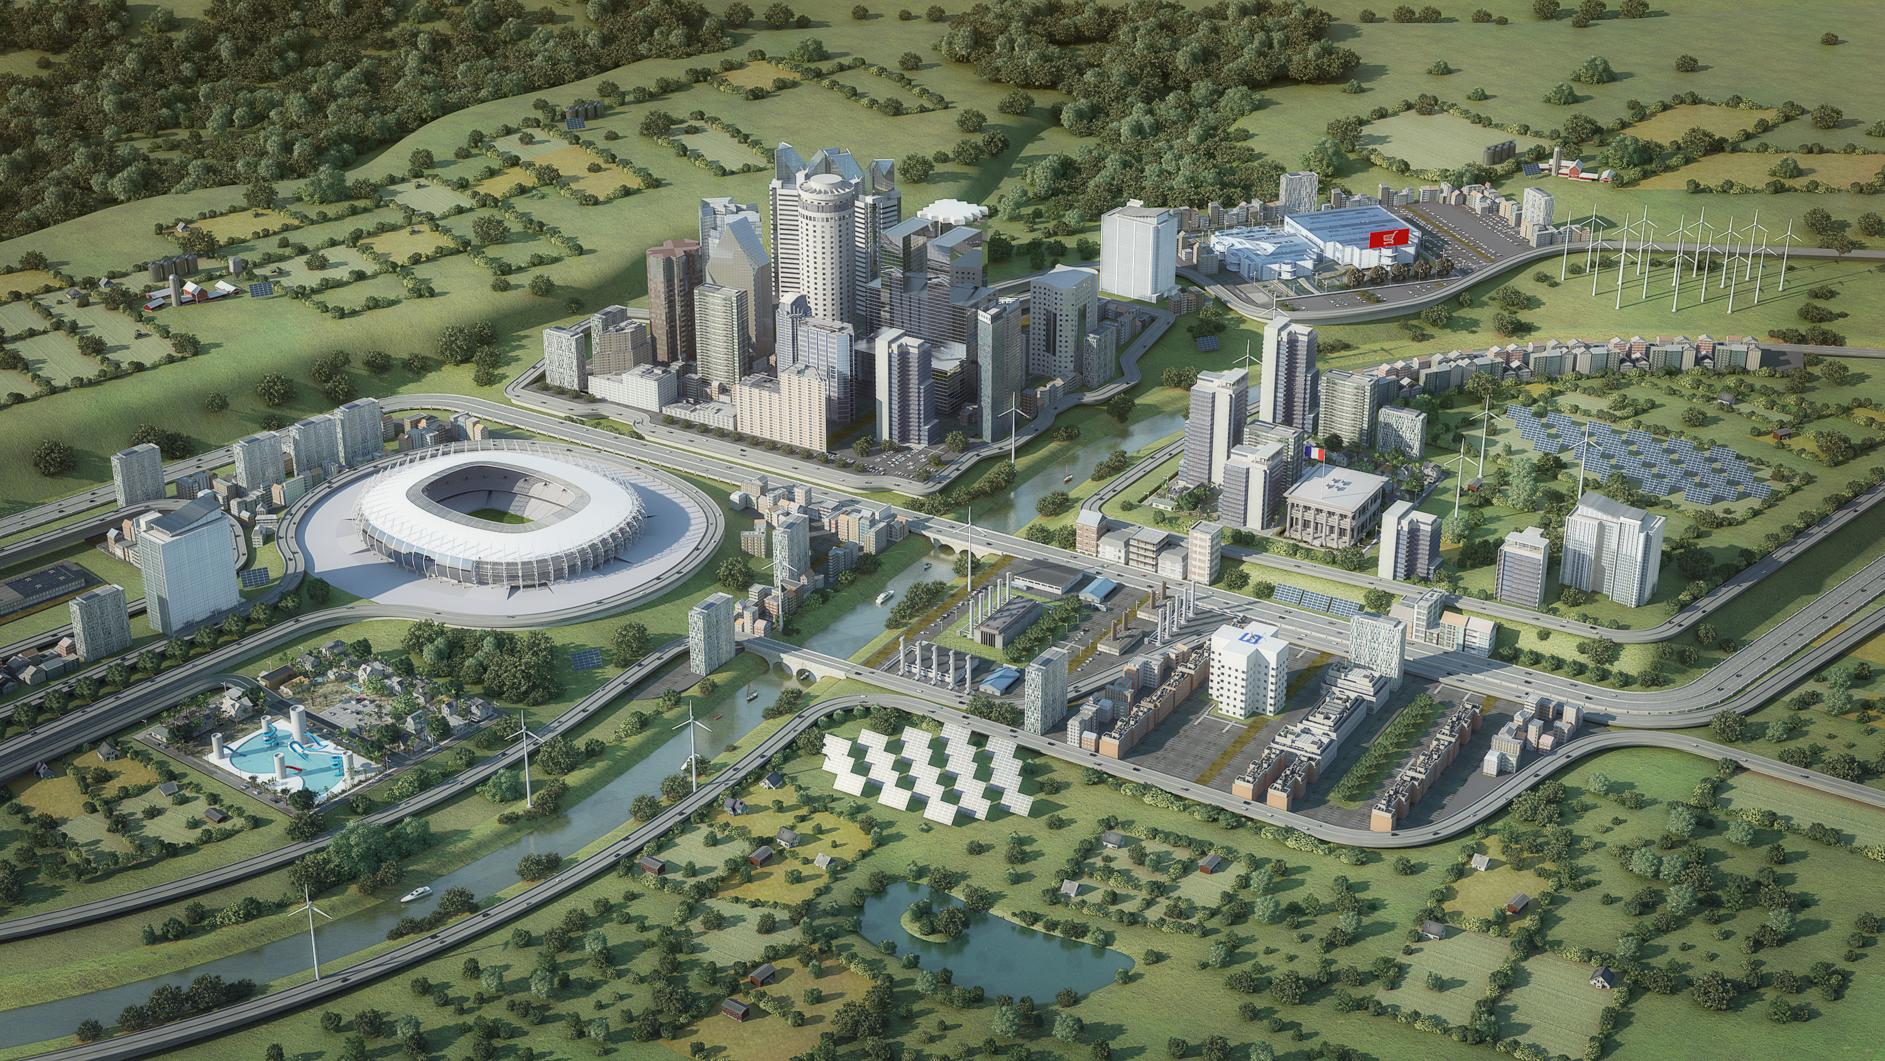 Visuel Hénélia - Modélisation et illustration 3D ville éco-responsable